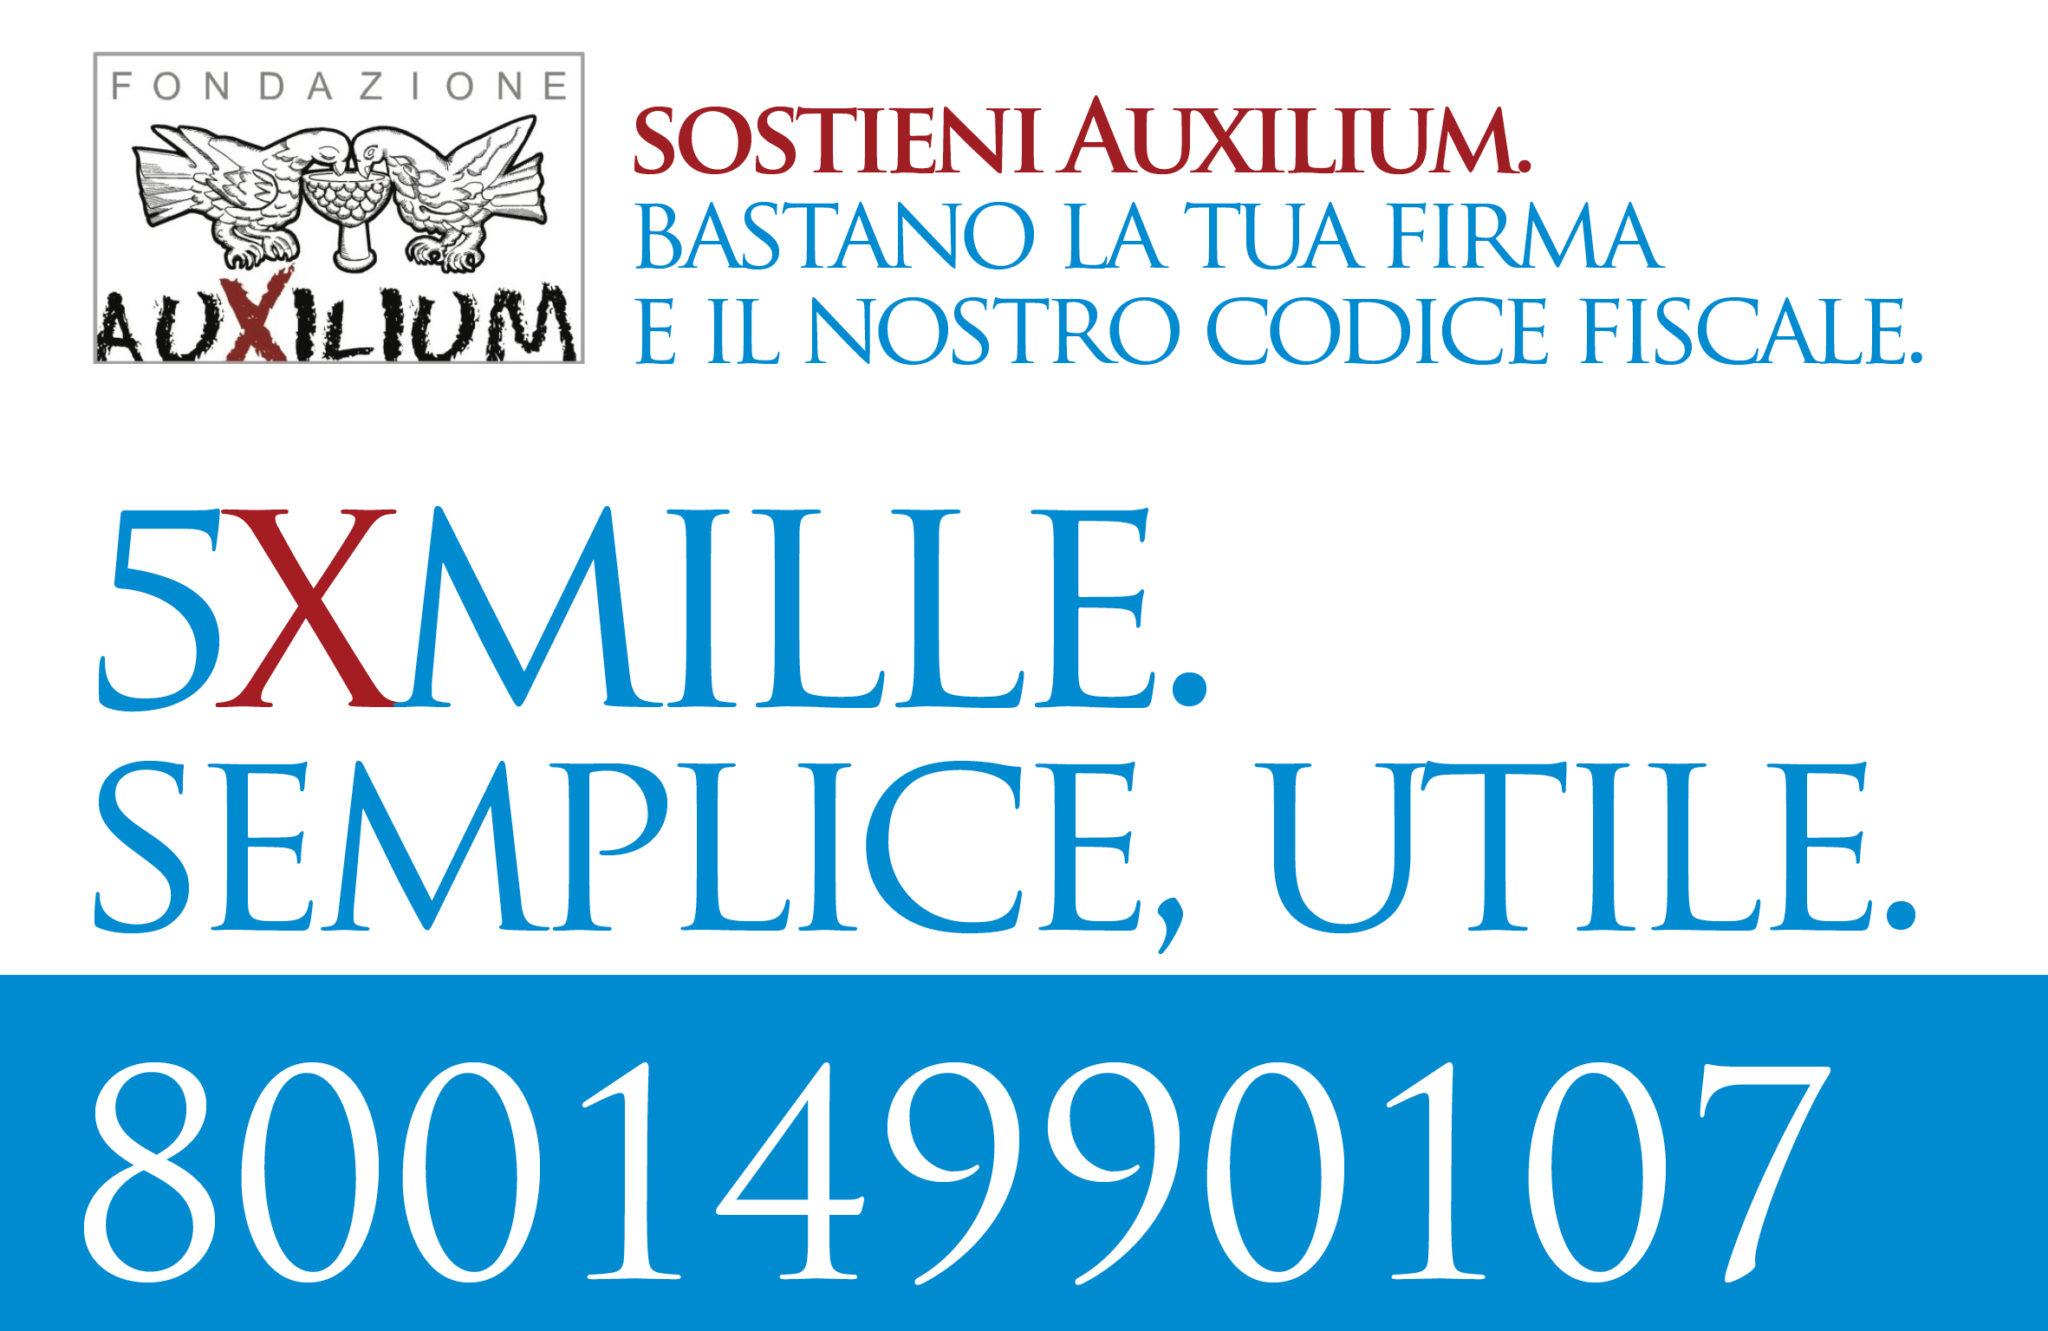 5xmille ad Auxilium. Semplice, utile!